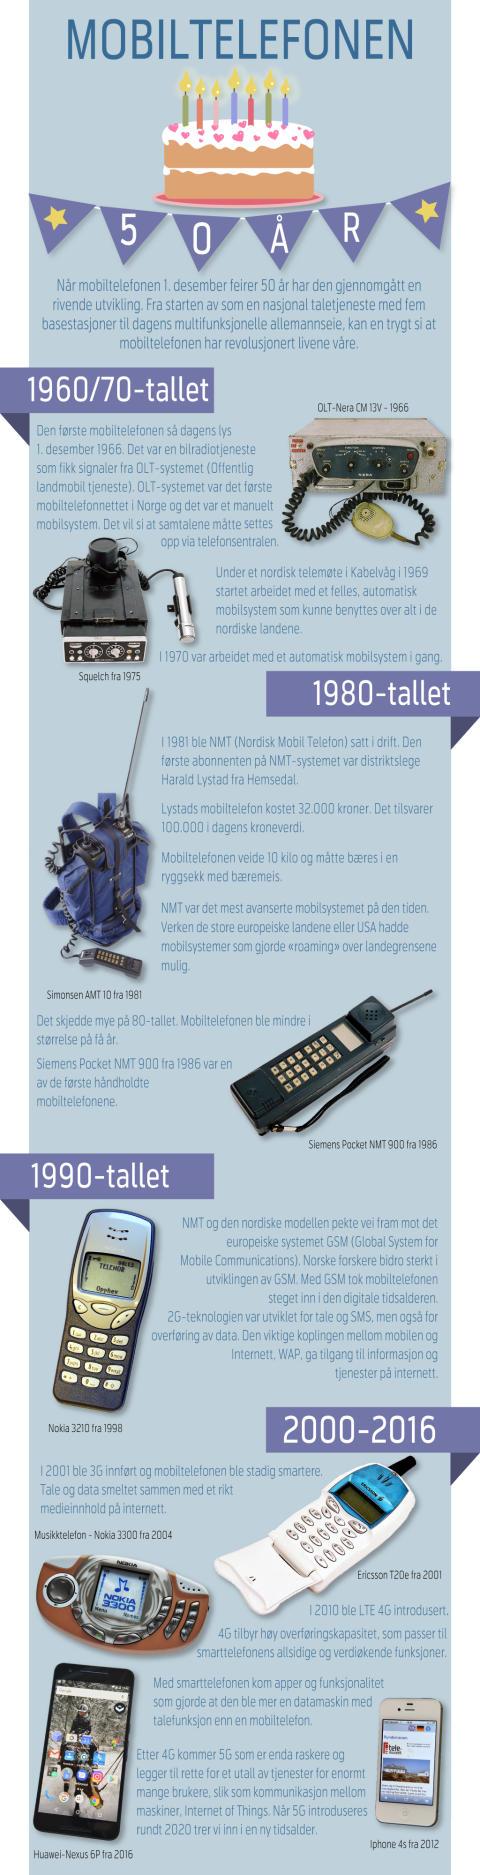 mobilen-50aar-infografikk-endelig